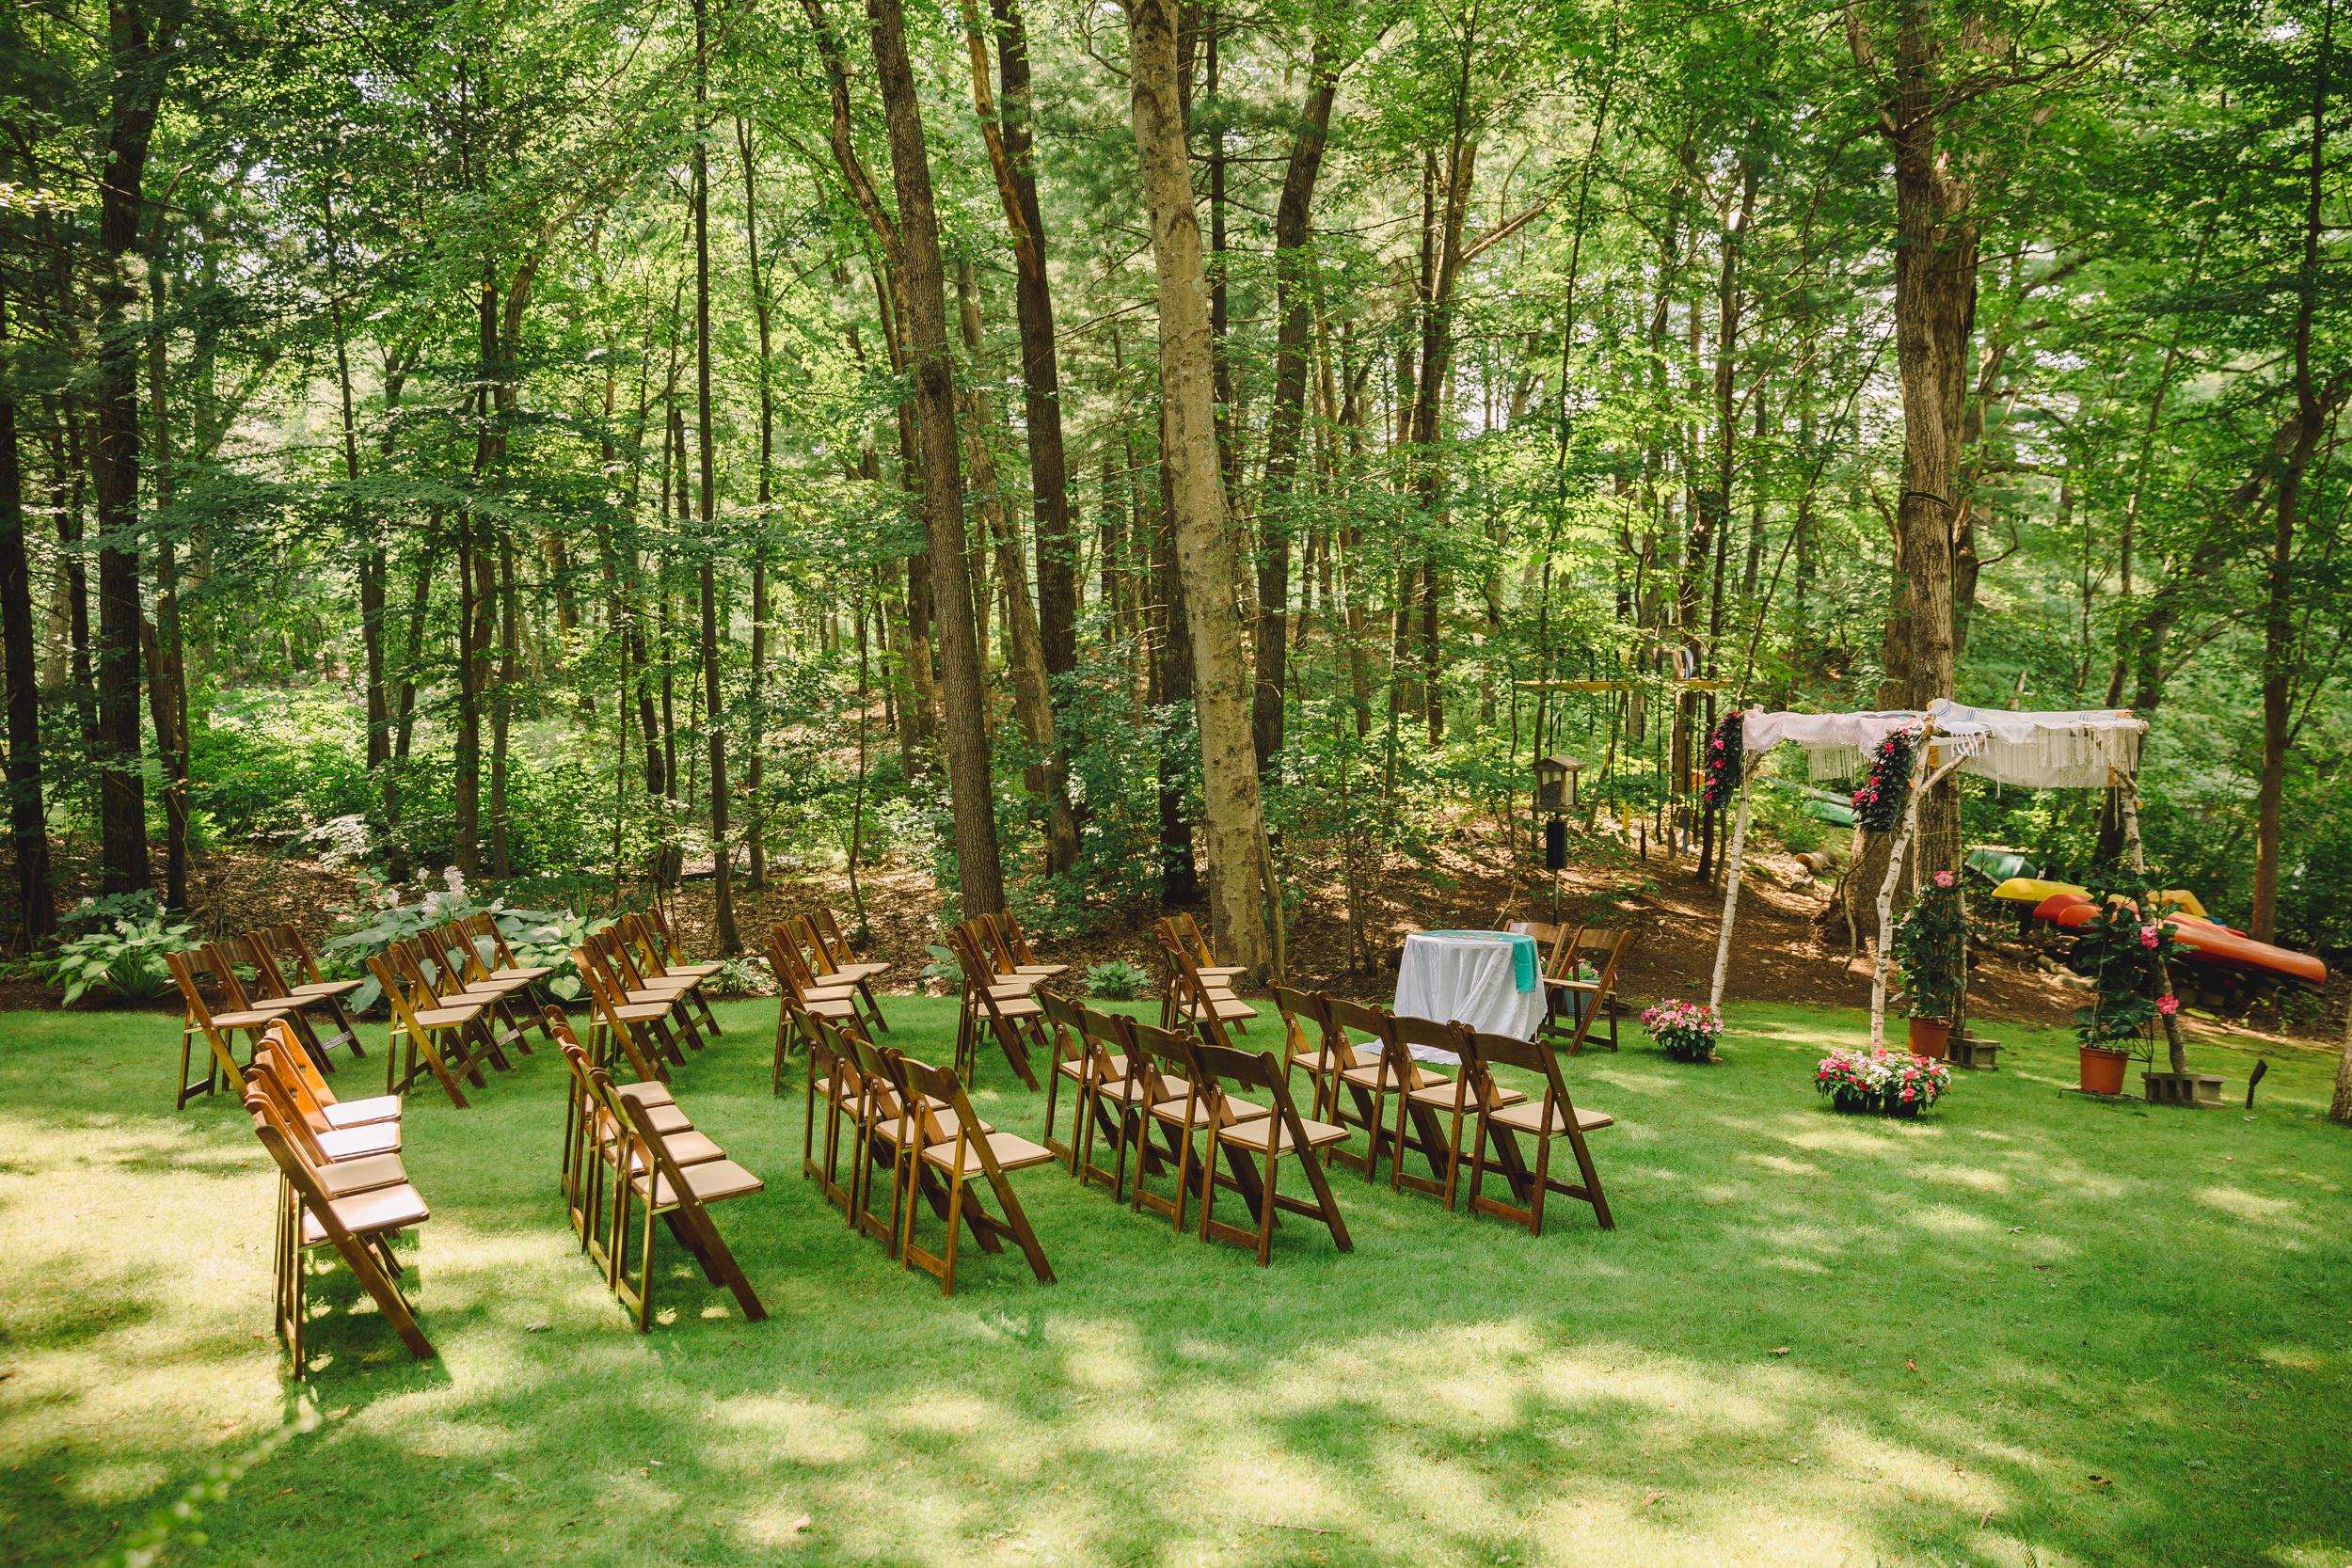 capecod_backyard_wedding_photos_mikhail_2.JPG